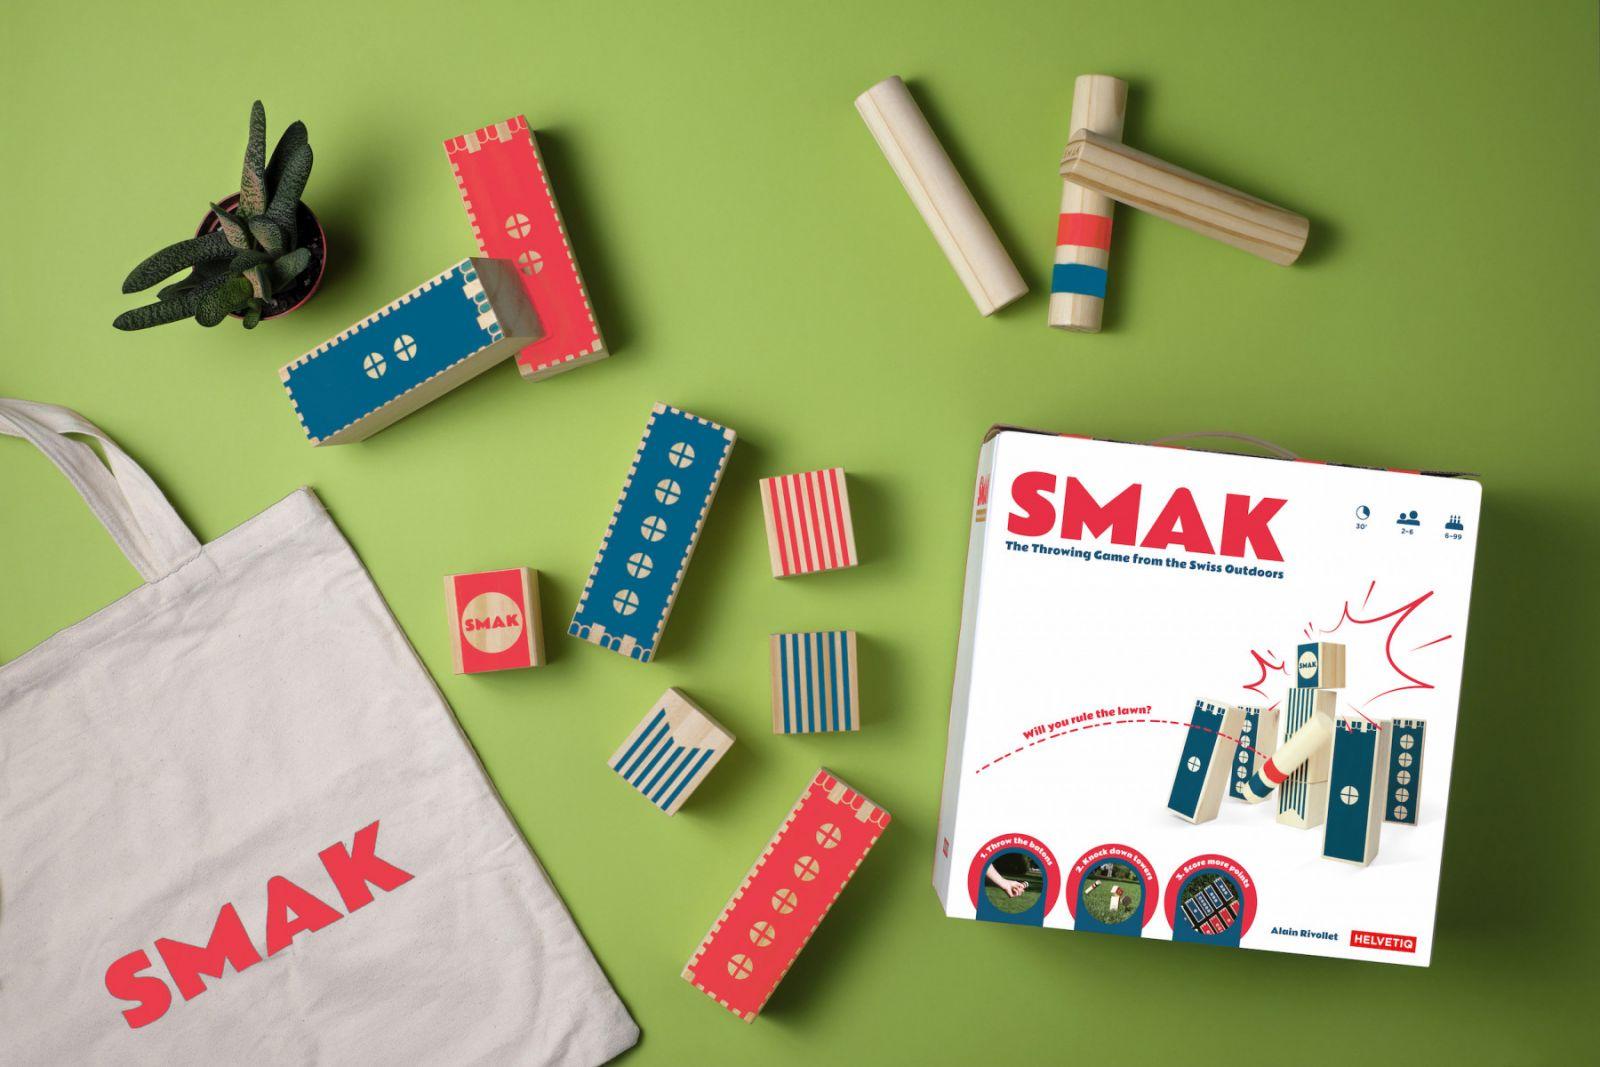 Smak components